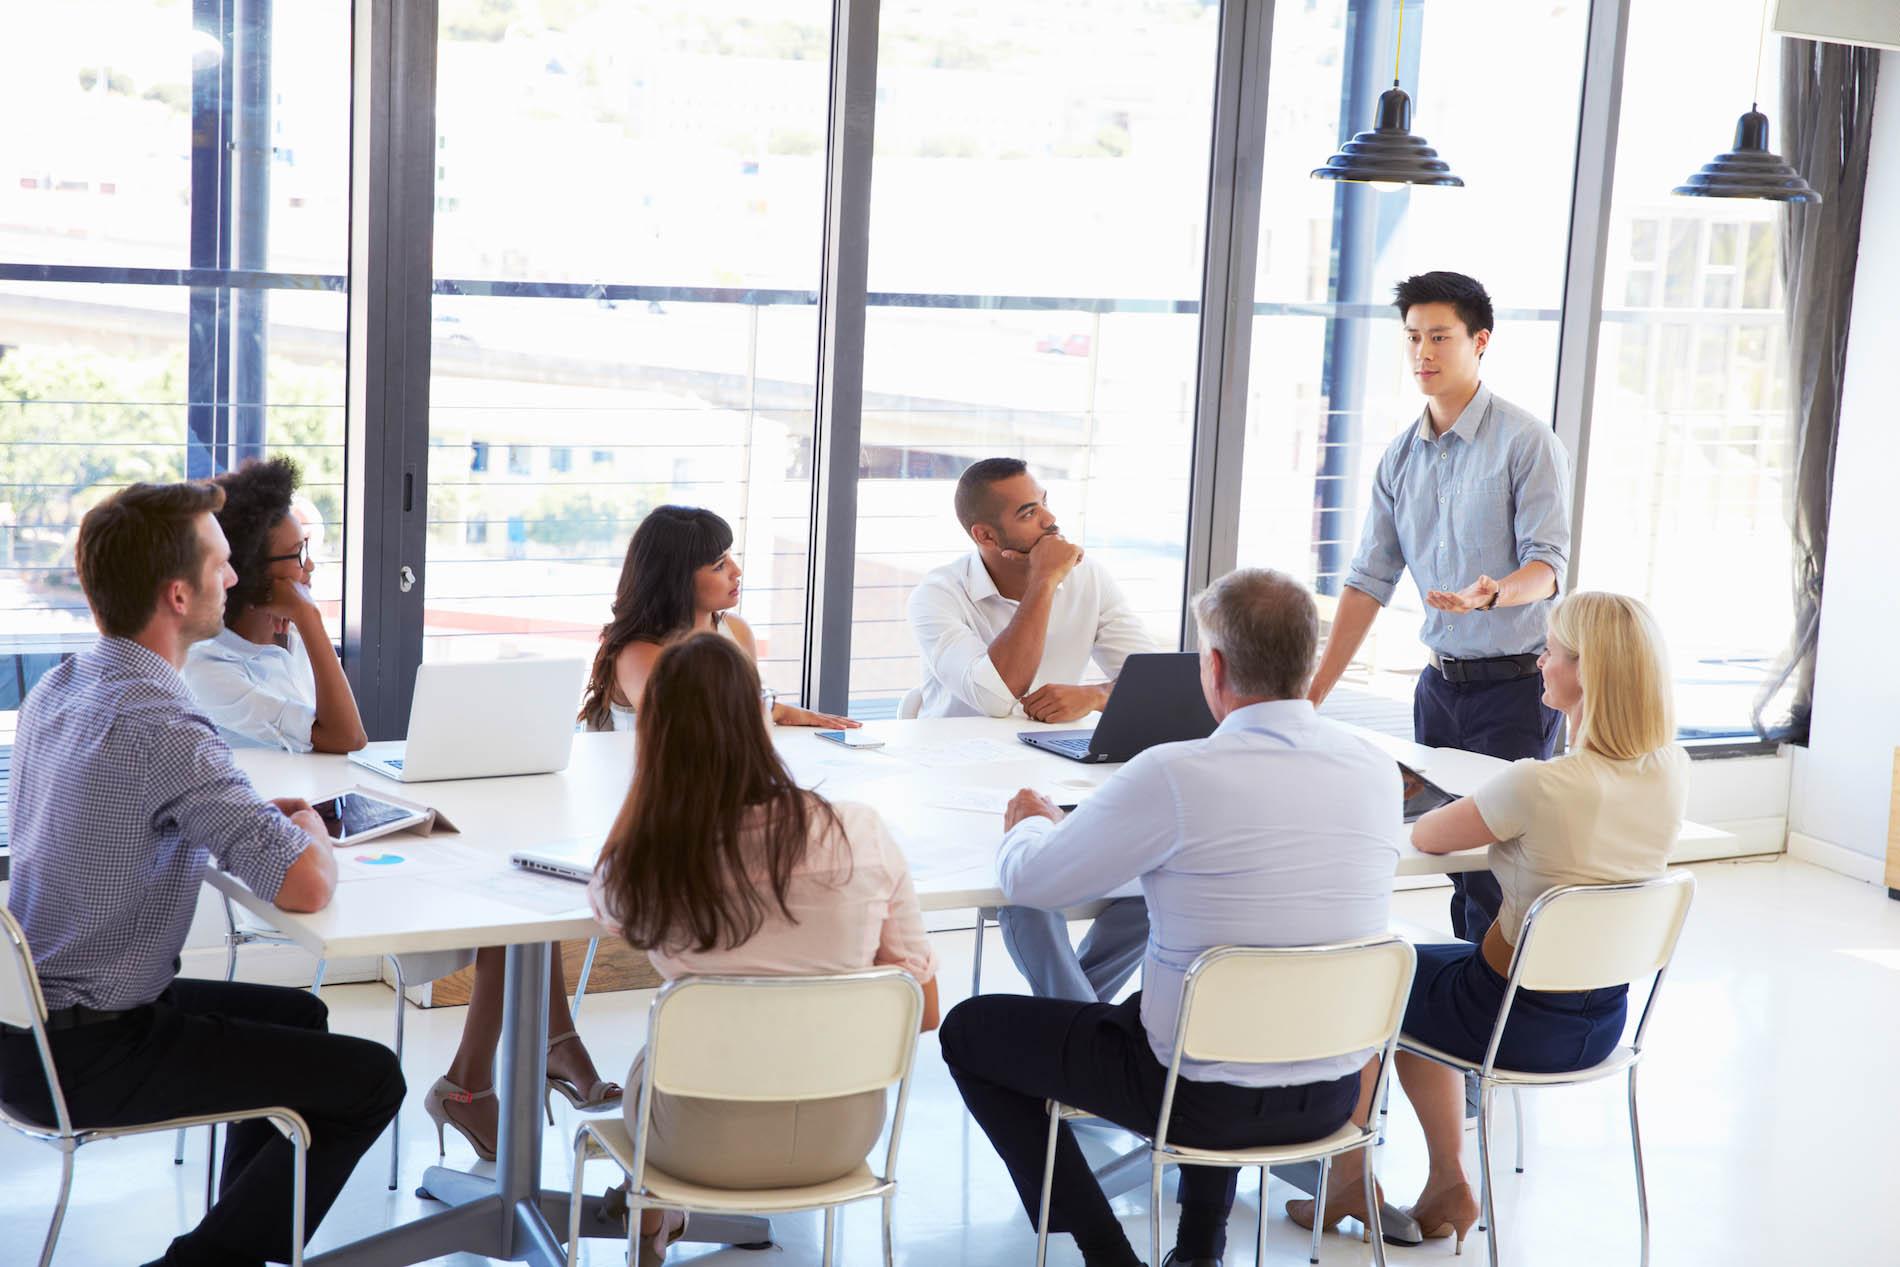 Swissnova est votre partenaire RH de votre entreprise pour l'assessment, le team building, l'outplacement et le coaching.